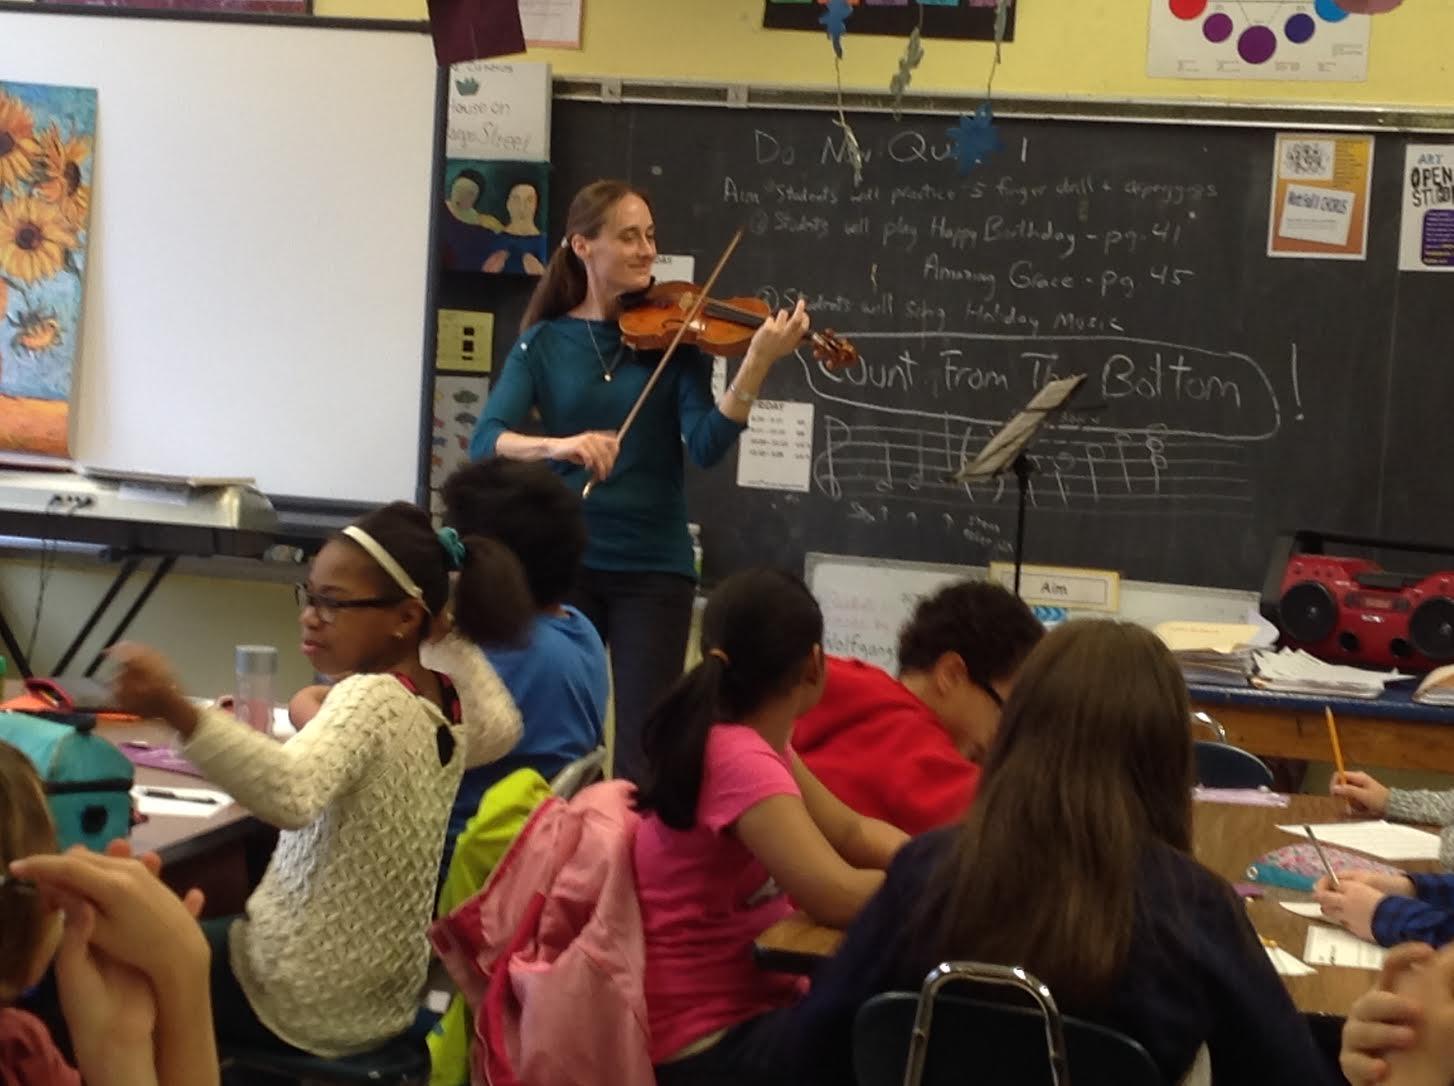 Violinist- Claudia Schaer